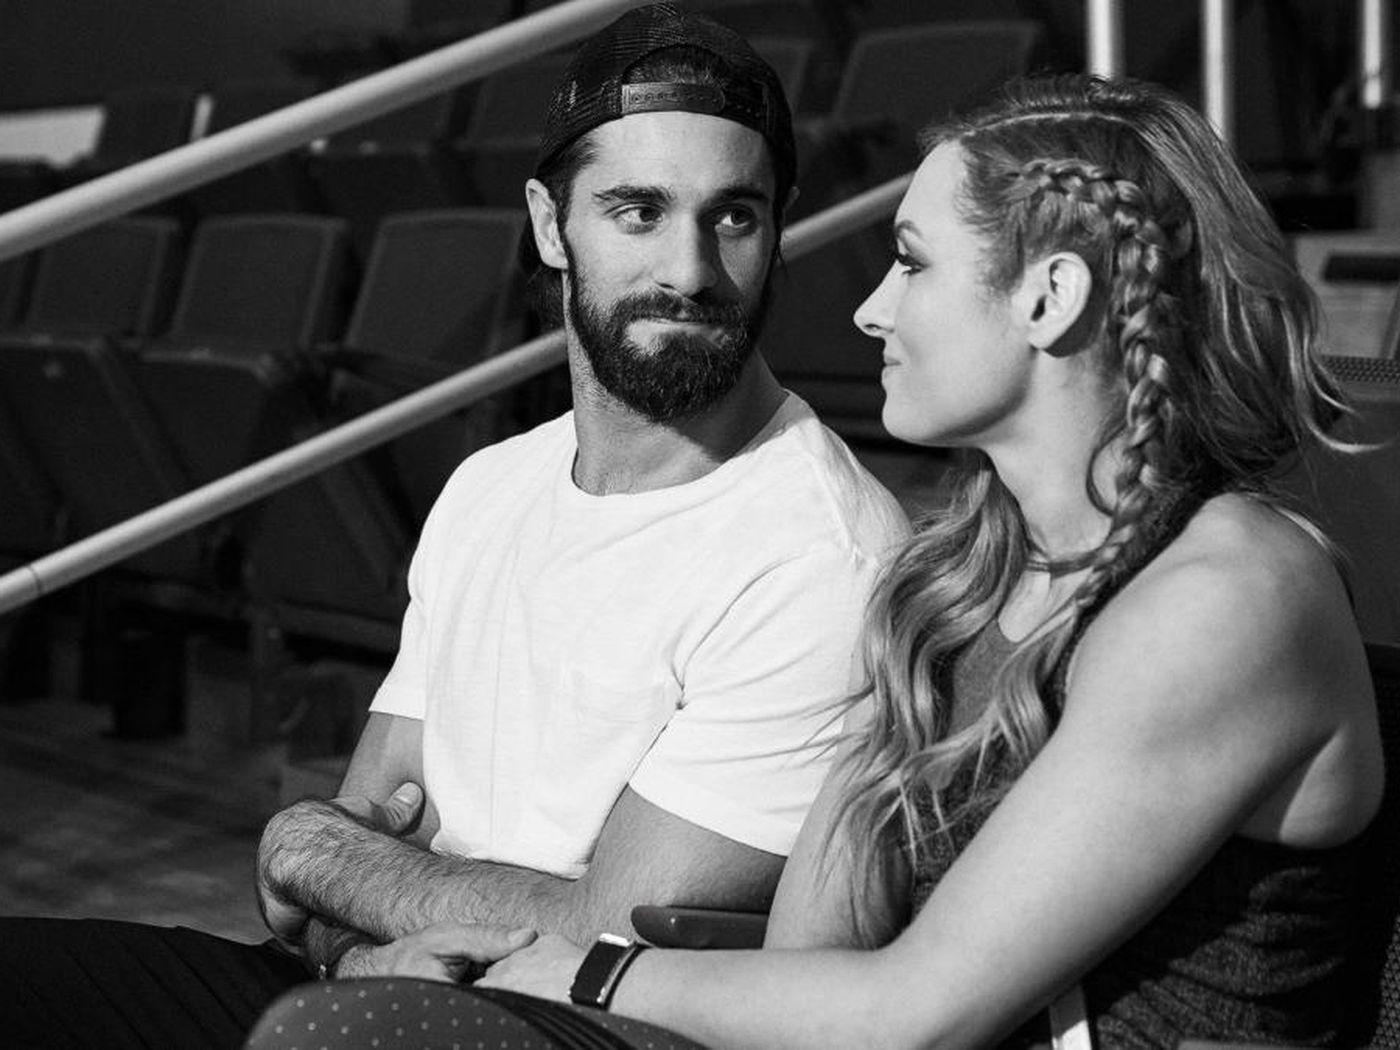 Retour en arrière: Becky Lynch de la WWE révèle comment elle a commencé à sortir avec Seth Rollins 1